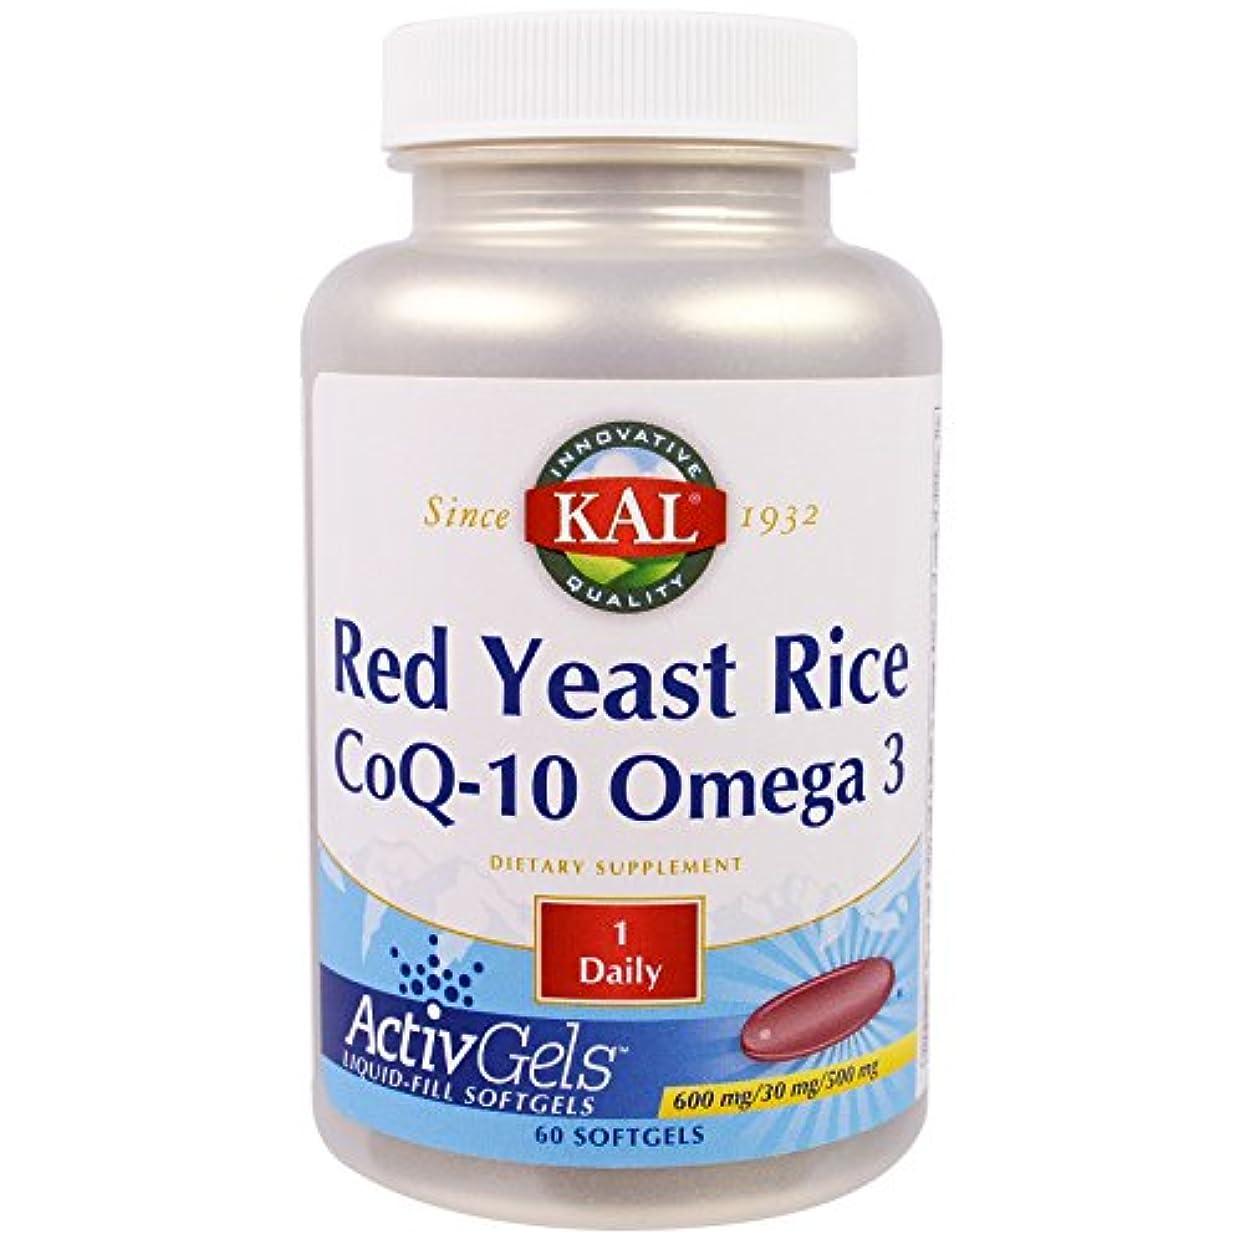 報告書野なジャンクション紅麹(ベニコウジ)米&コエンザイムQ10 + オメガ3 EPA/DHA 60粒[海外直送品]